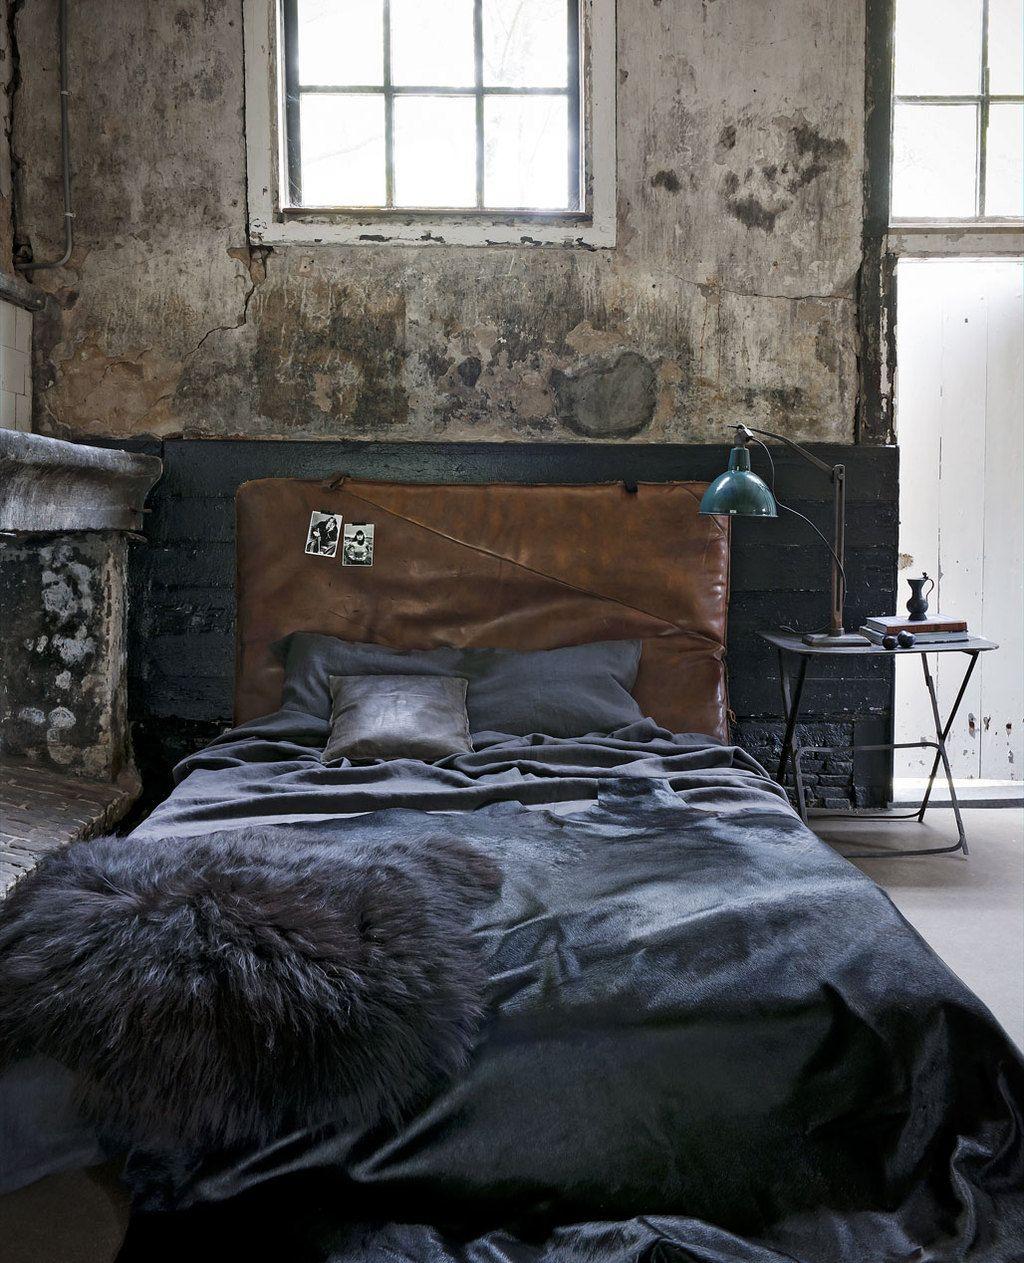 les 25 meilleures id es de la cat gorie lit industriel sur pinterest lit barreau cadre de. Black Bedroom Furniture Sets. Home Design Ideas